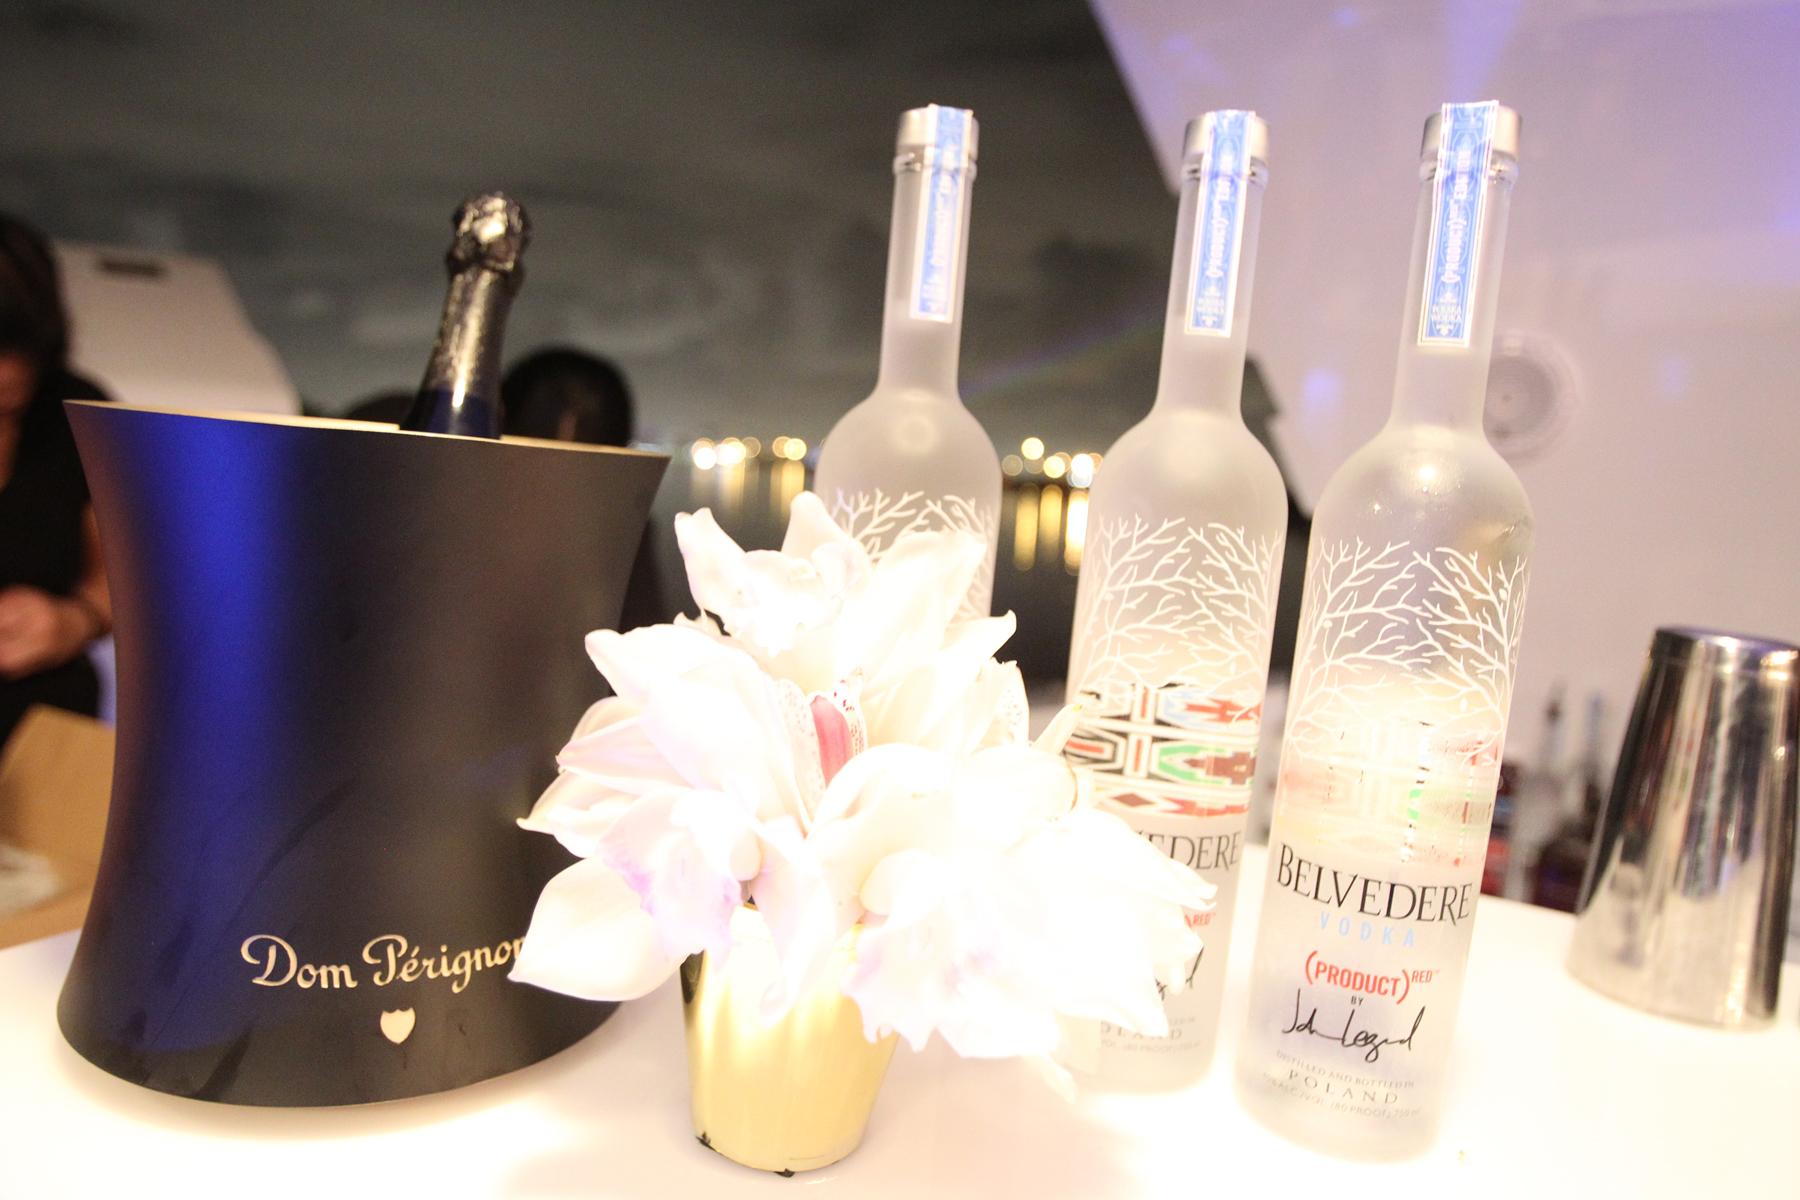 belvedere-vodka-dom-perignon-2